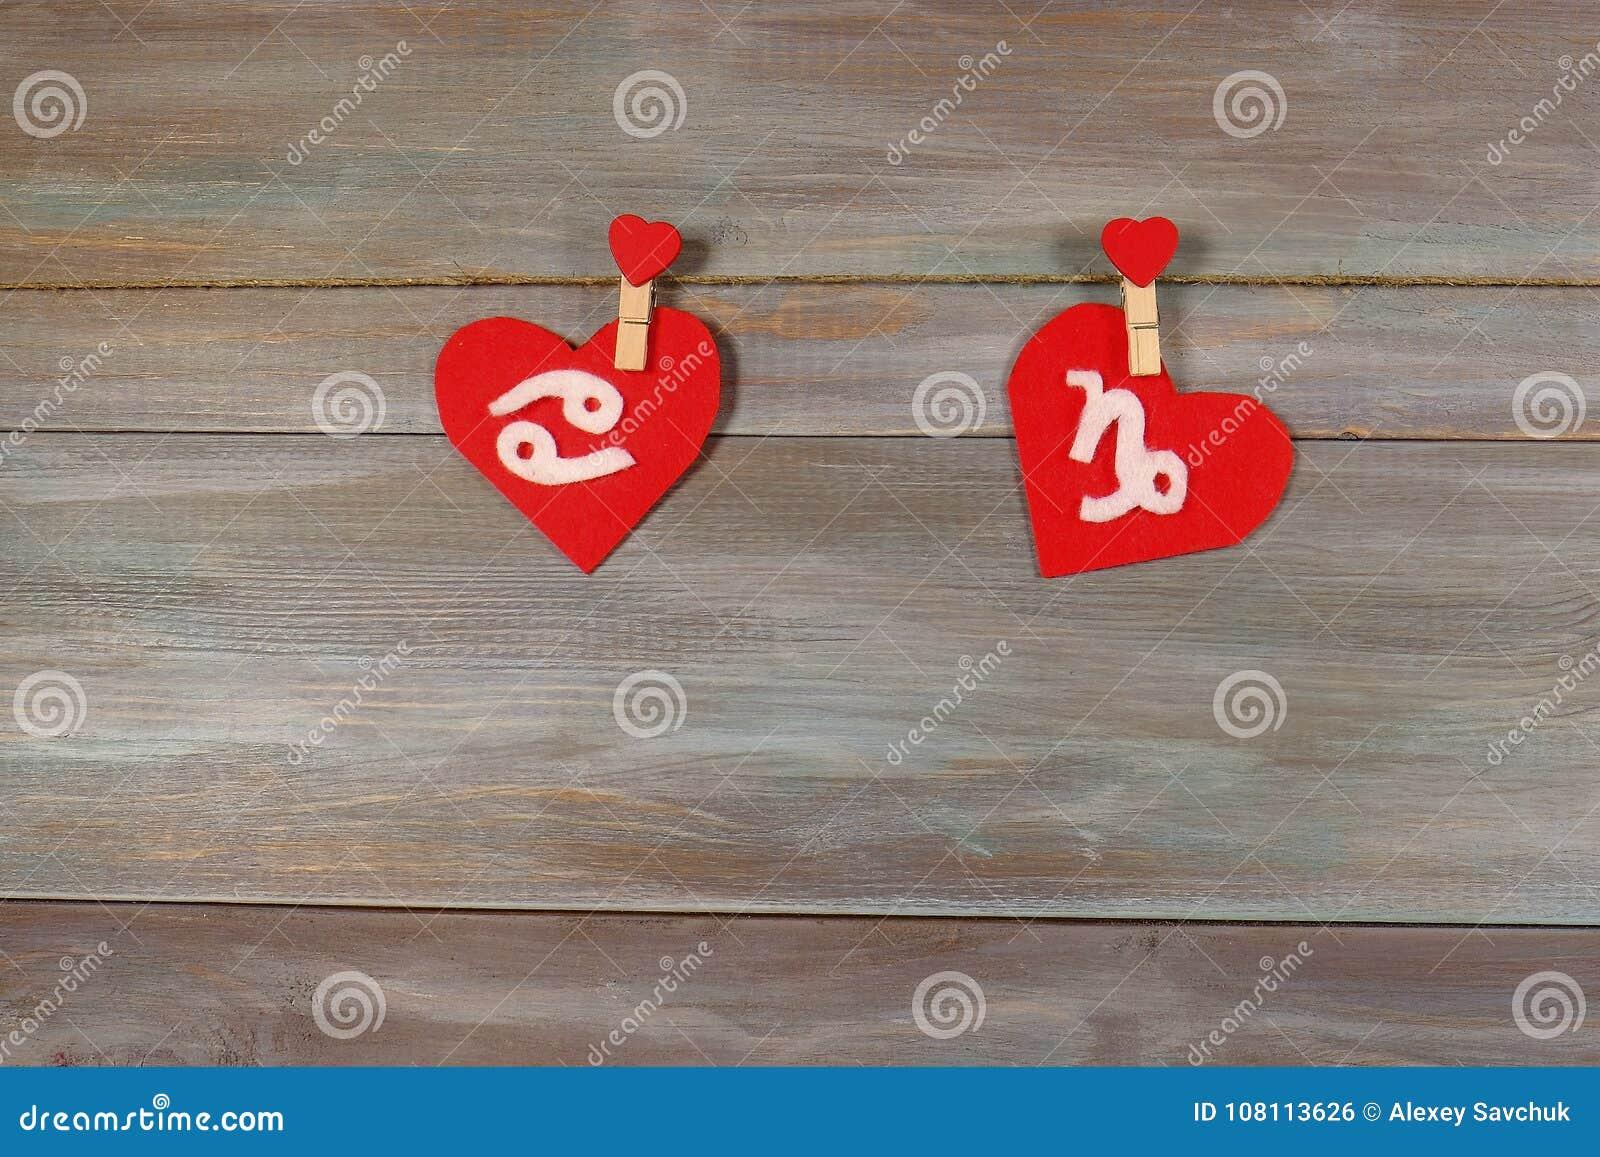 Cancro e capricorno segni dello zodiaco e del cuore Parte posteriore di legno